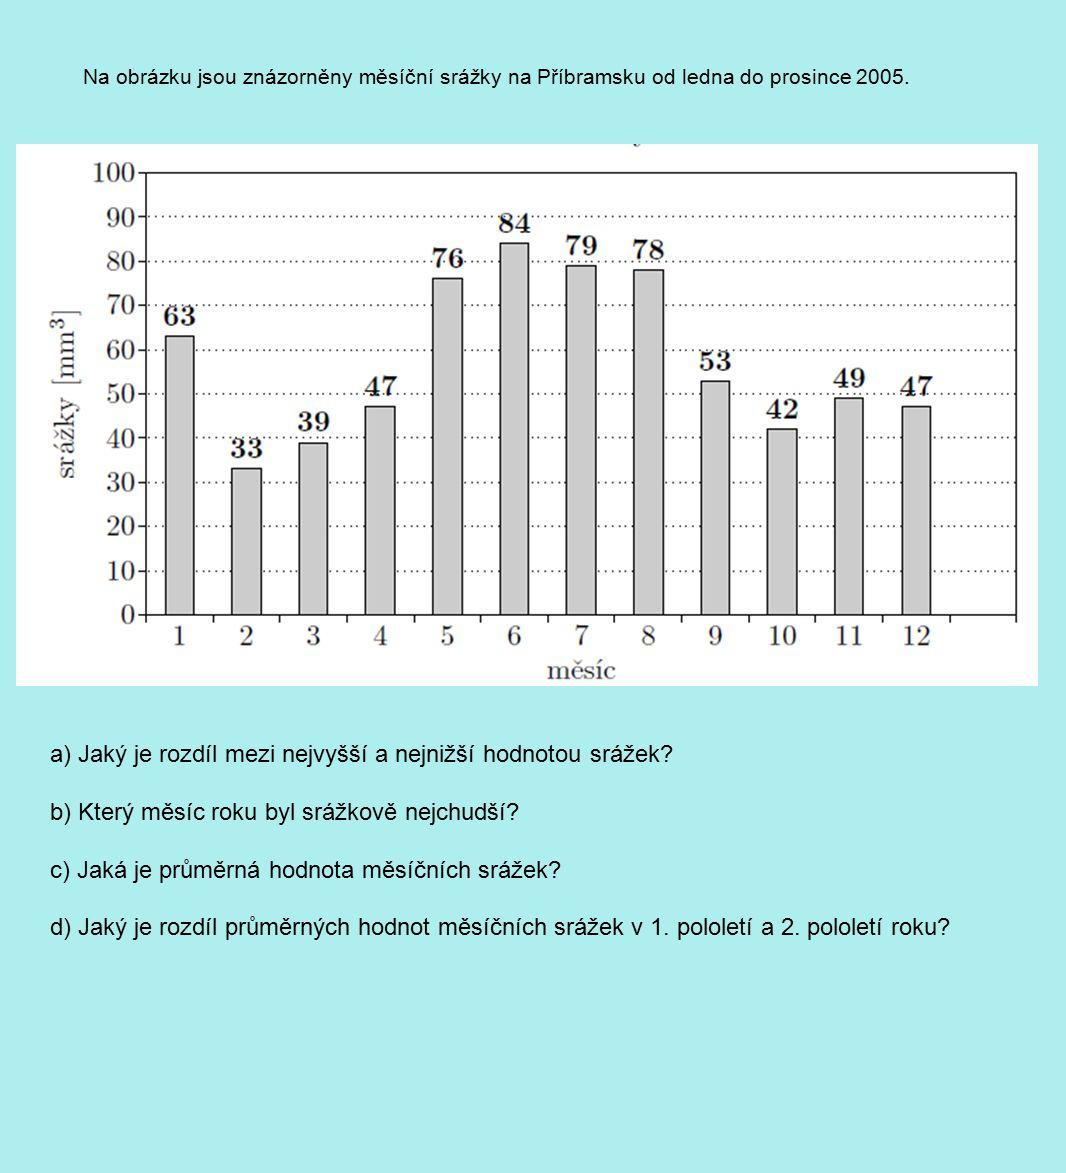 Na obrázku jsou znázorněny měsíční srážky na Příbramsku od ledna do prosince 2005. a) Jaký je rozdíl mezi nejvyšší a nejnižší hodnotou srážek? b) Kter